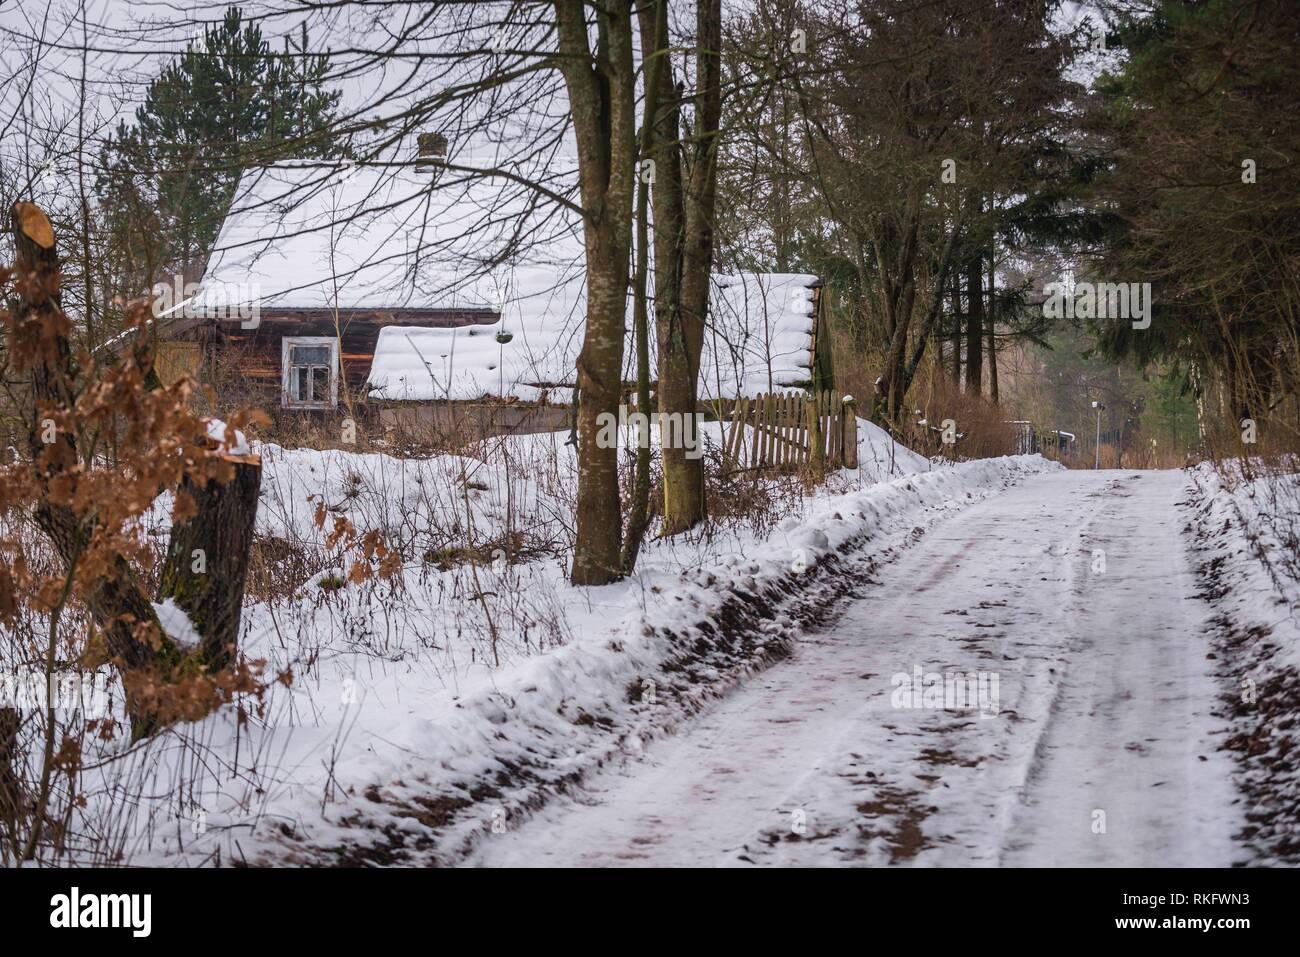 Gruszki village within Hajnowka County, Podlaskie Voivodeship of Poland. - Stock Image